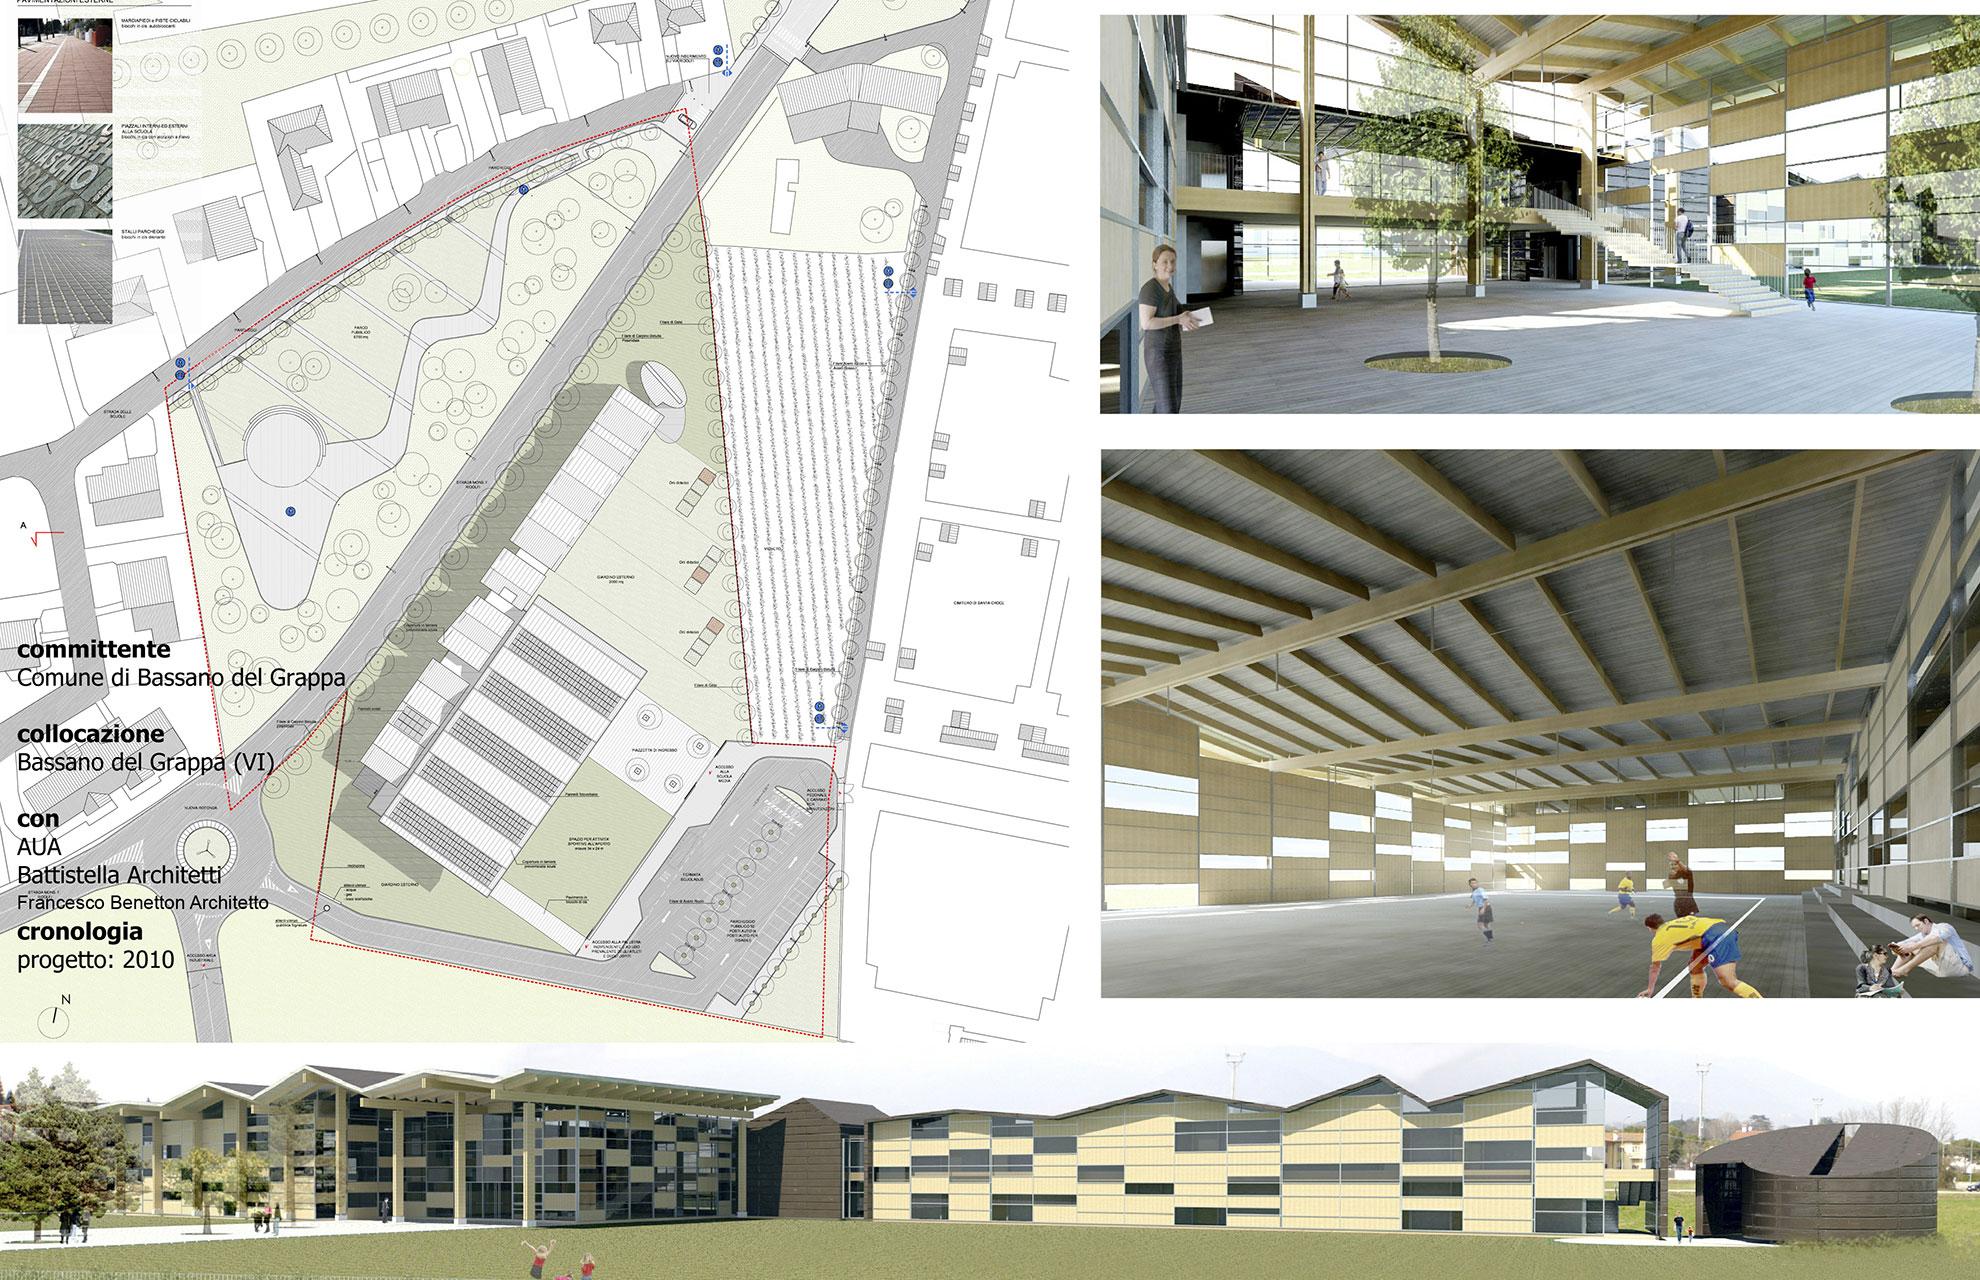 Architetto Bassano Del Grappa architetto francesco benetton - gallery concorsi